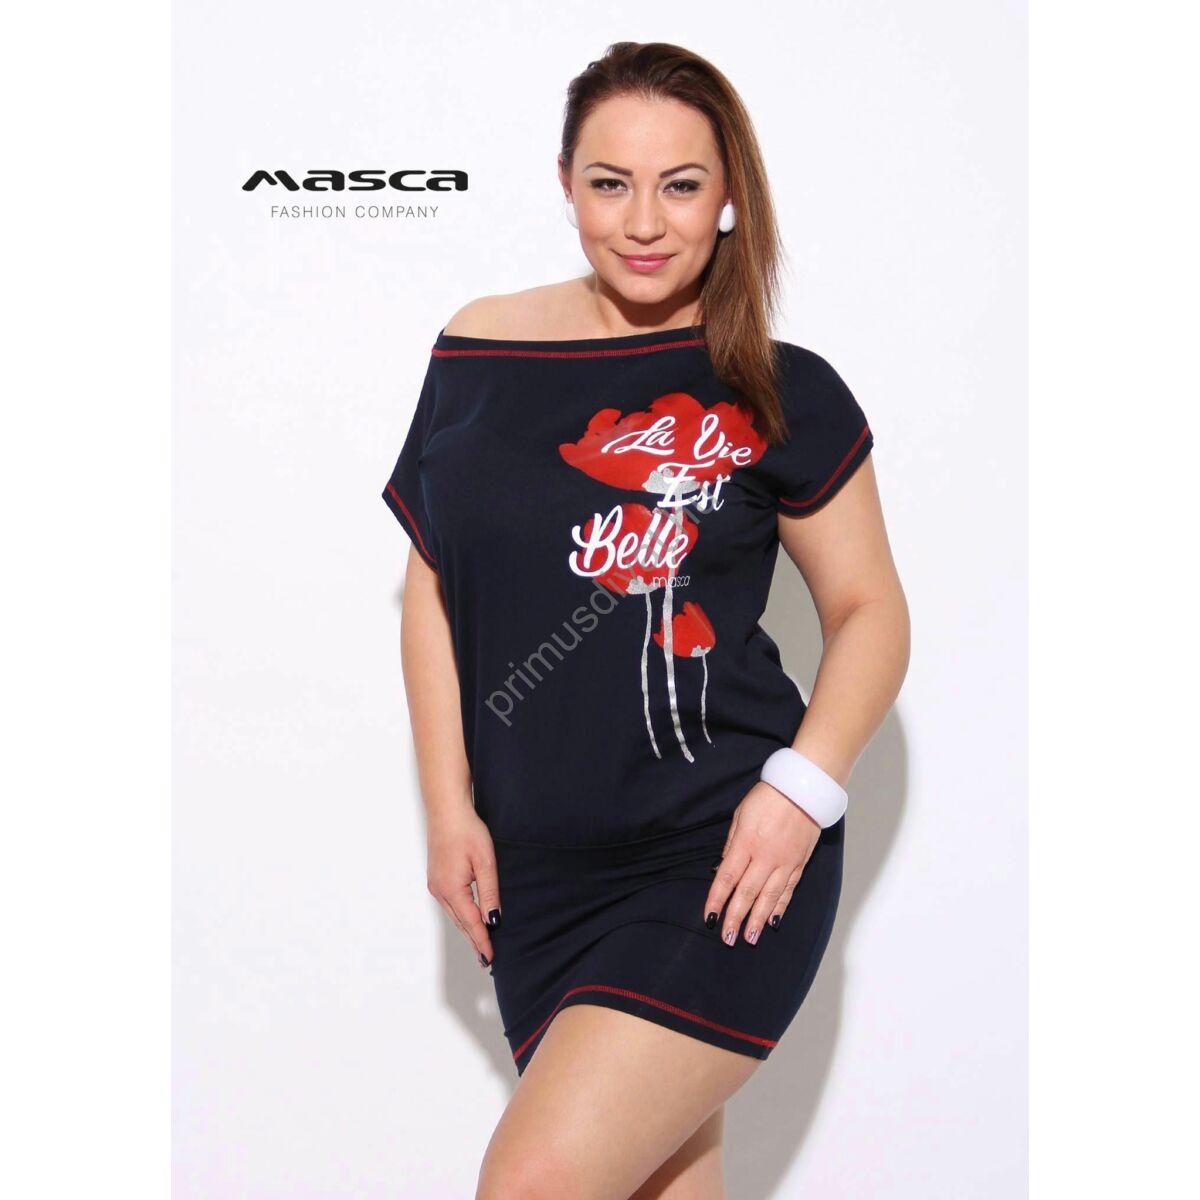 b297507364 Kép 1/1 - Masca Fashion piros tűzésű csónaknyakú, rövid ujjú sötétkék  lezser tunika, miniruha